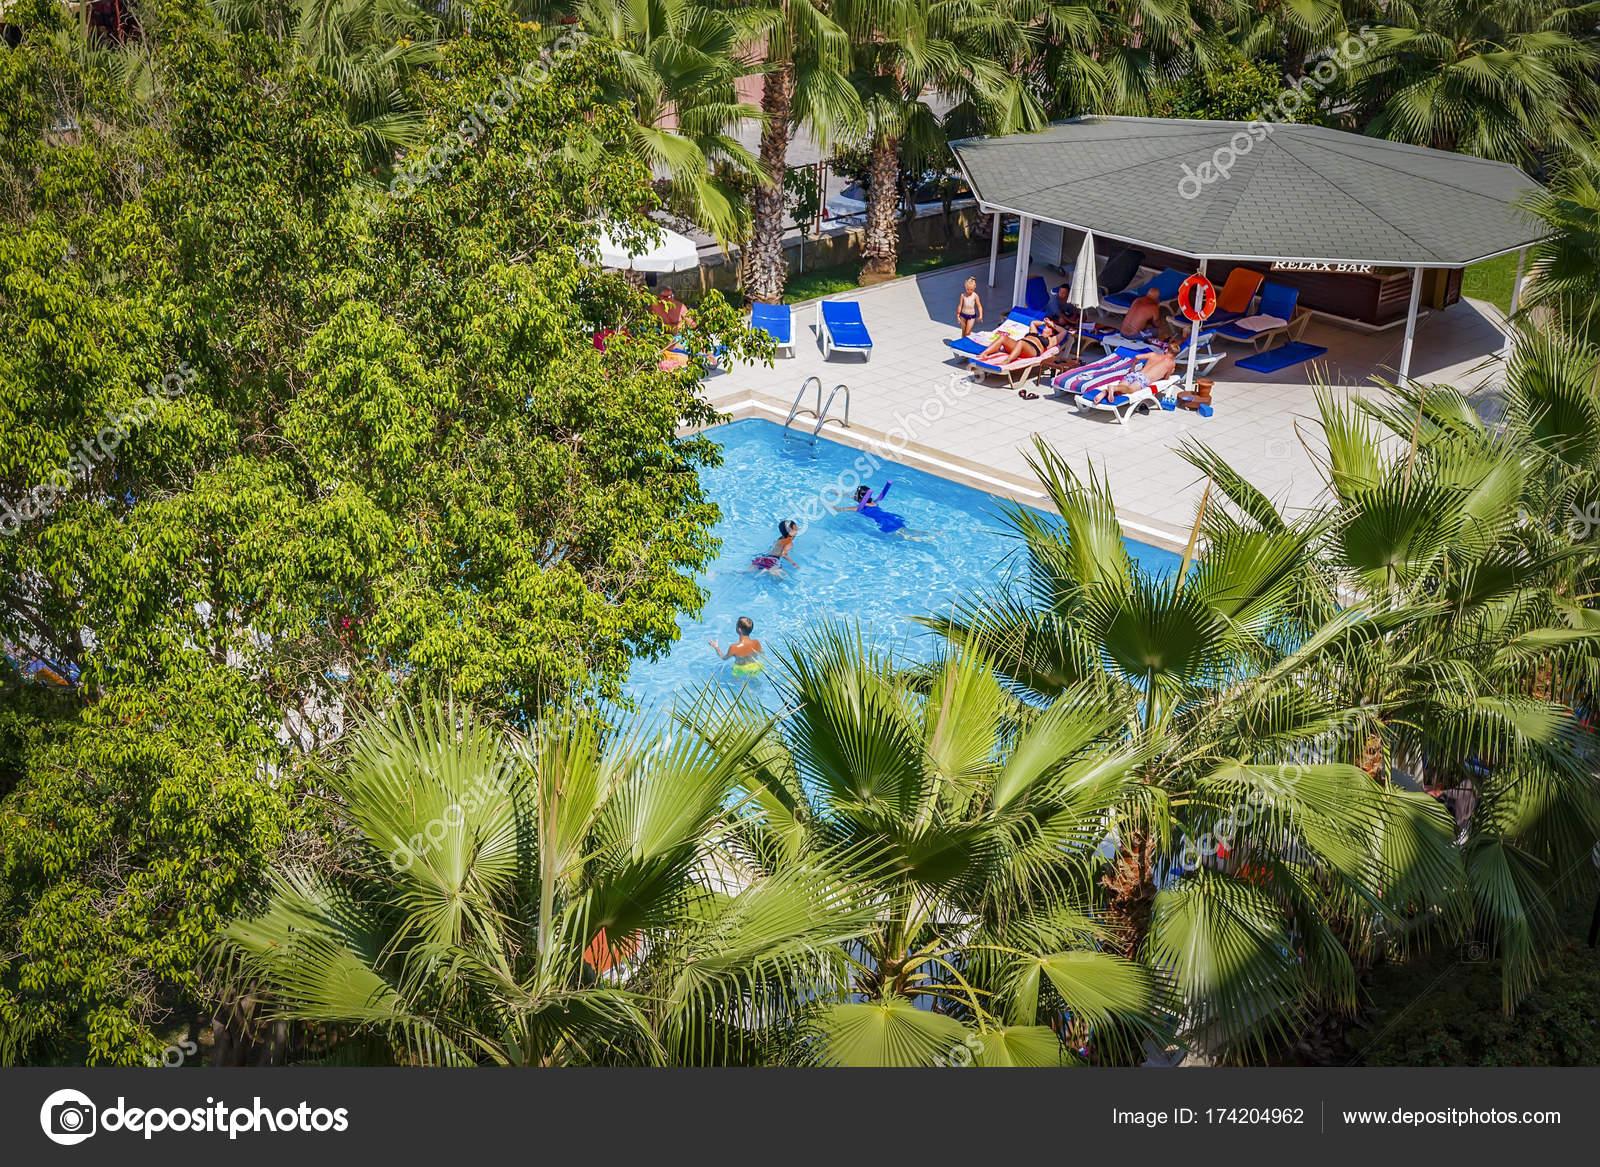 Hotel pool with people  Konakli, Turkey - August 18, 2017: Swimming pool at tropical resort ...